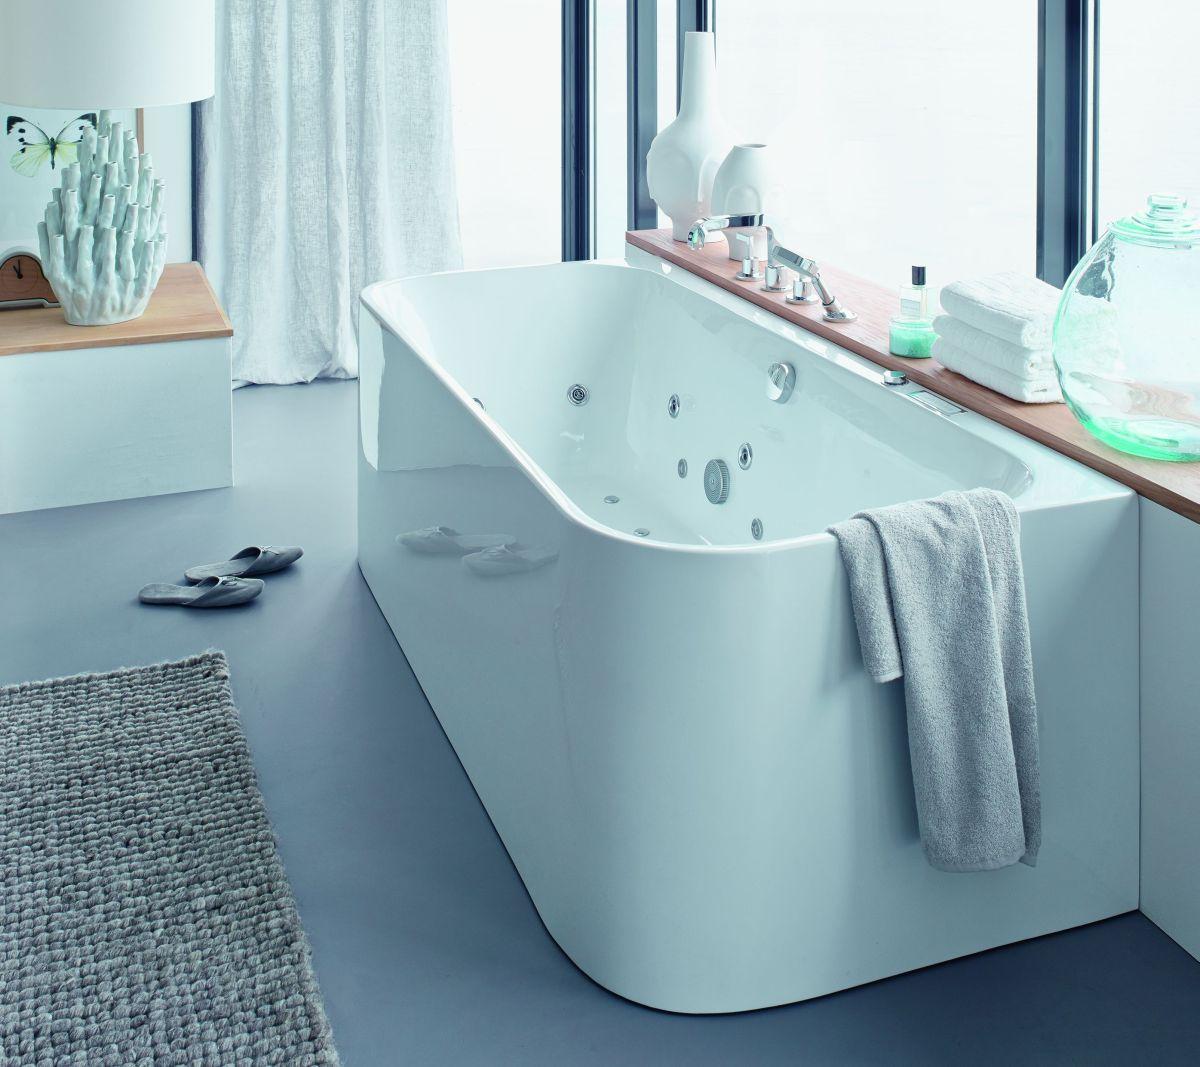 """Wanna z hydromasażem to """"must have"""" kobiecej łazienki (na zdjęciu wanna marki Duravit)"""